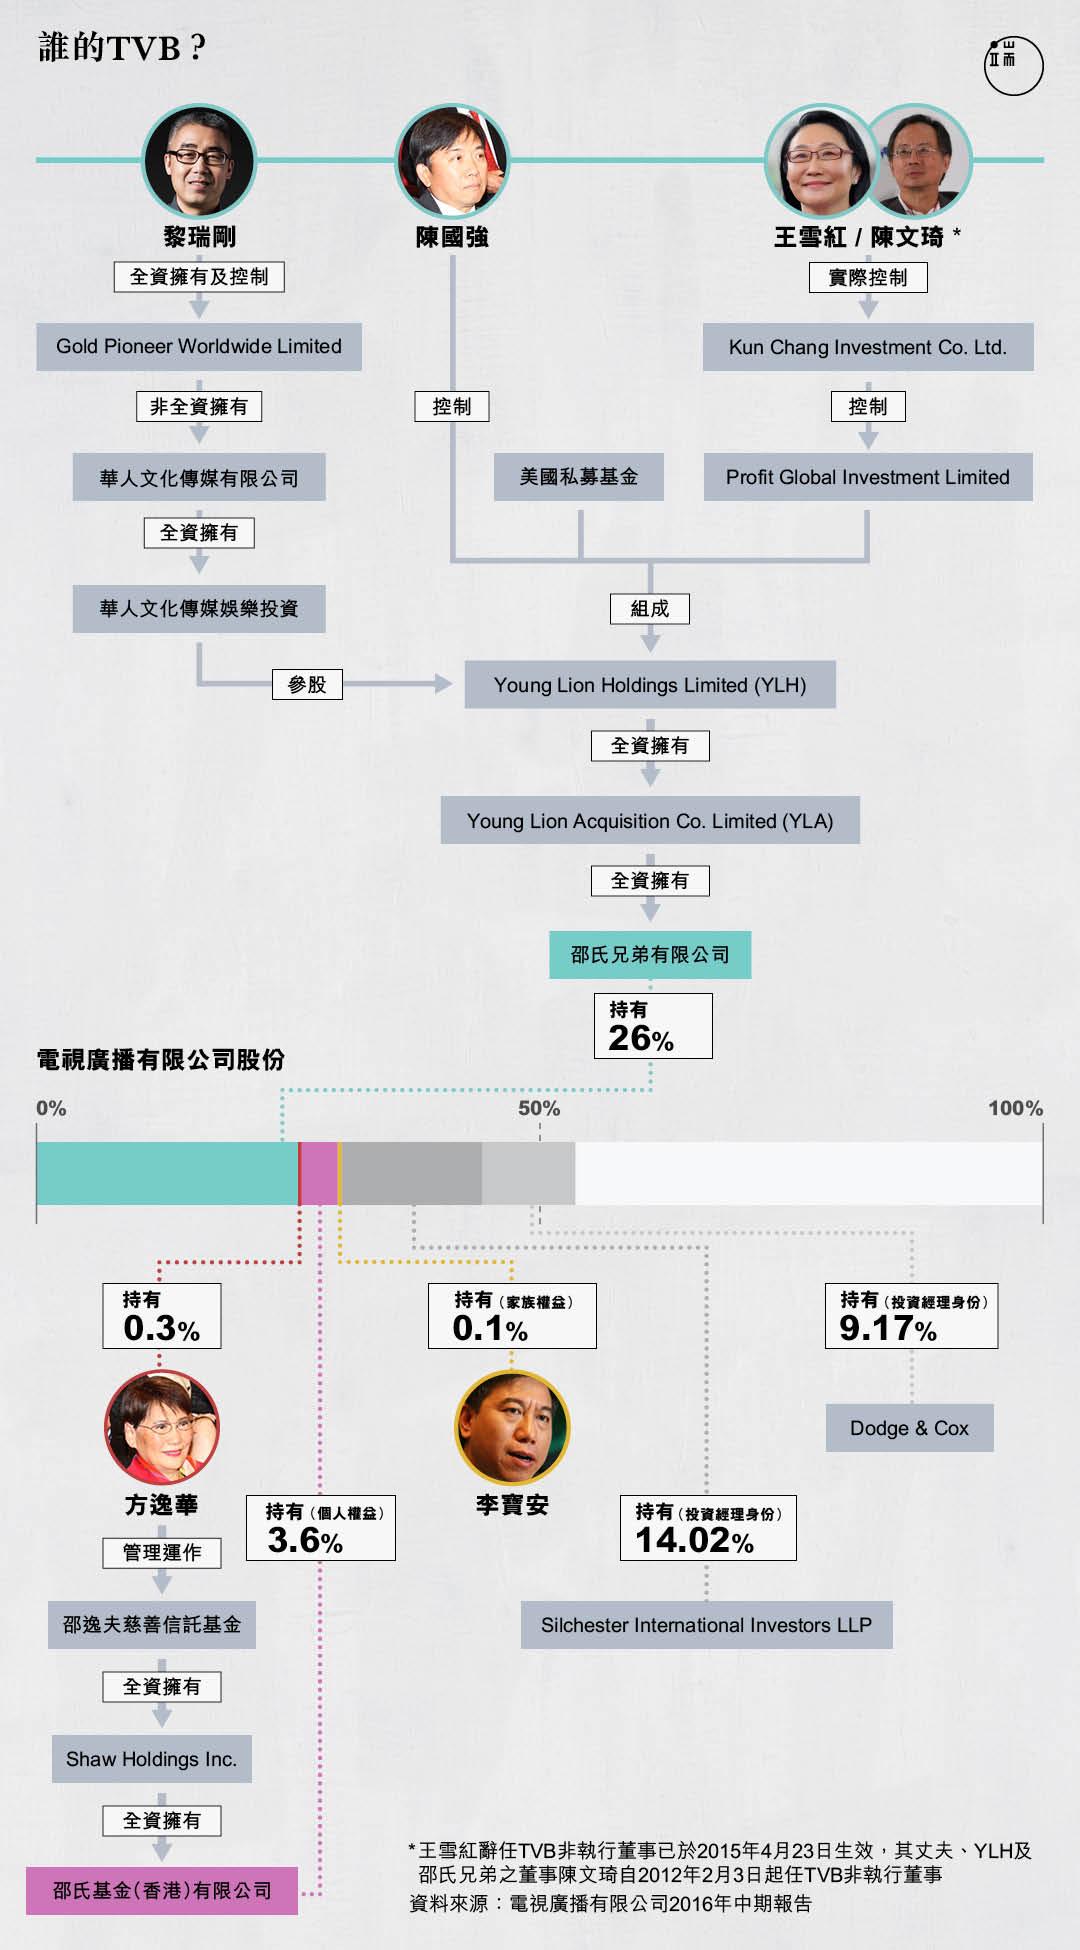 黎瑞剛入局之後,香港TVB的主要股東都是誰?